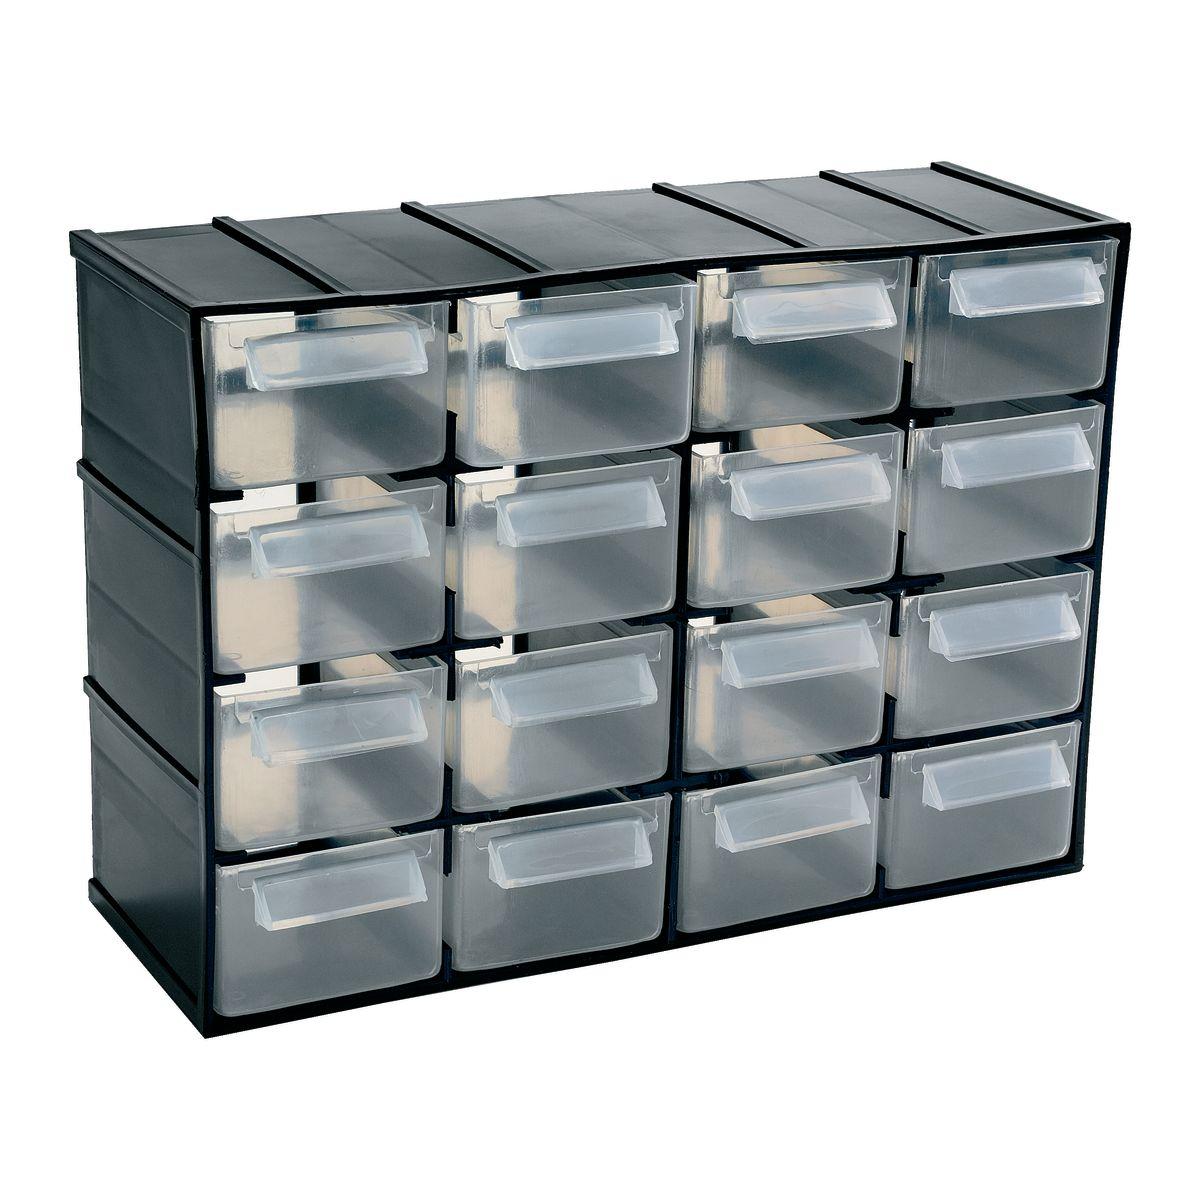 cassettiera porta minuterie, colore nero/trasparente: prezzi e